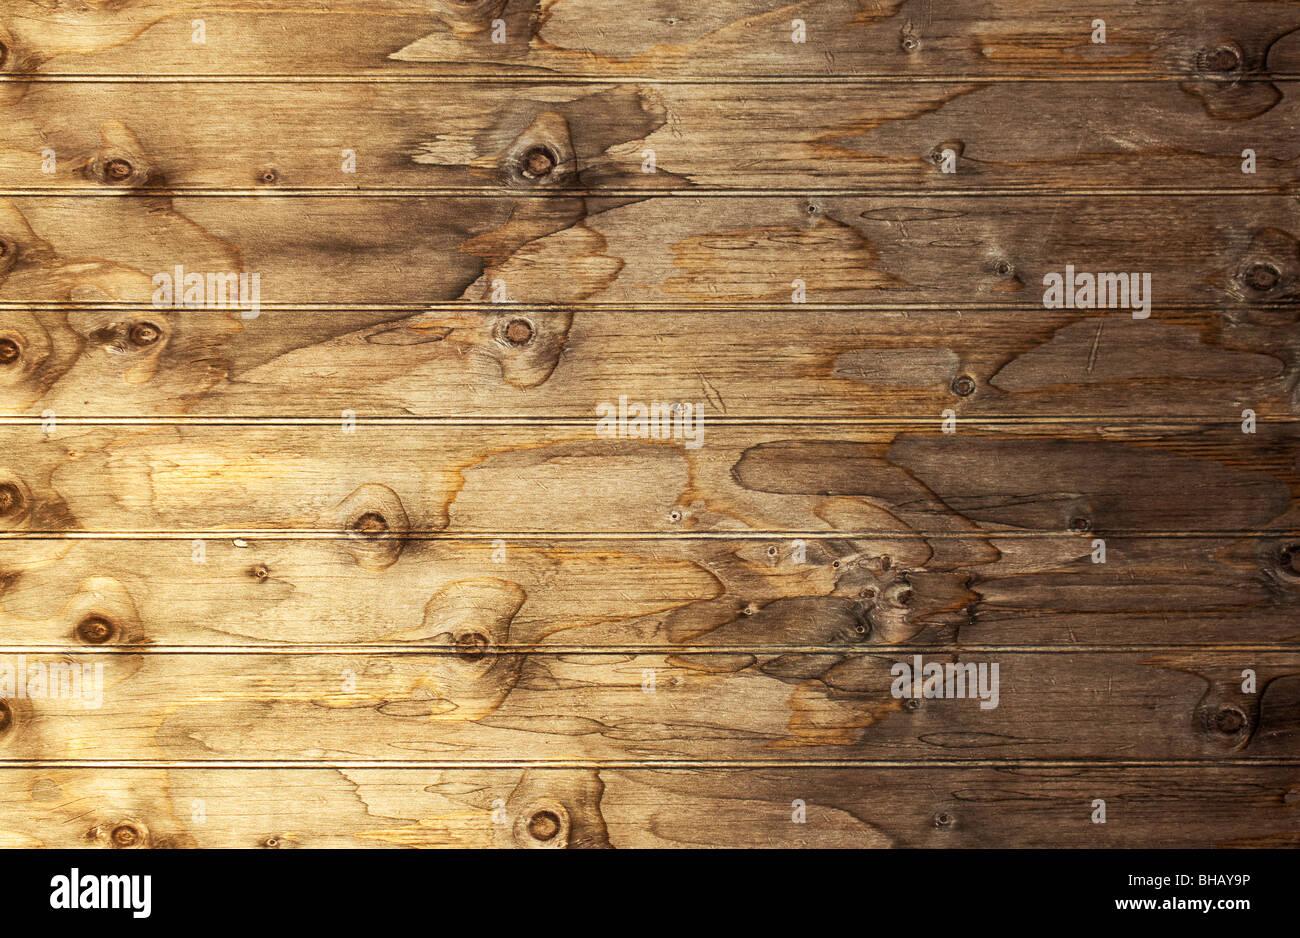 Imagen de alta resolución de la superficie de madera antiguas - como telón de fondo perfecto para personas Imagen De Stock